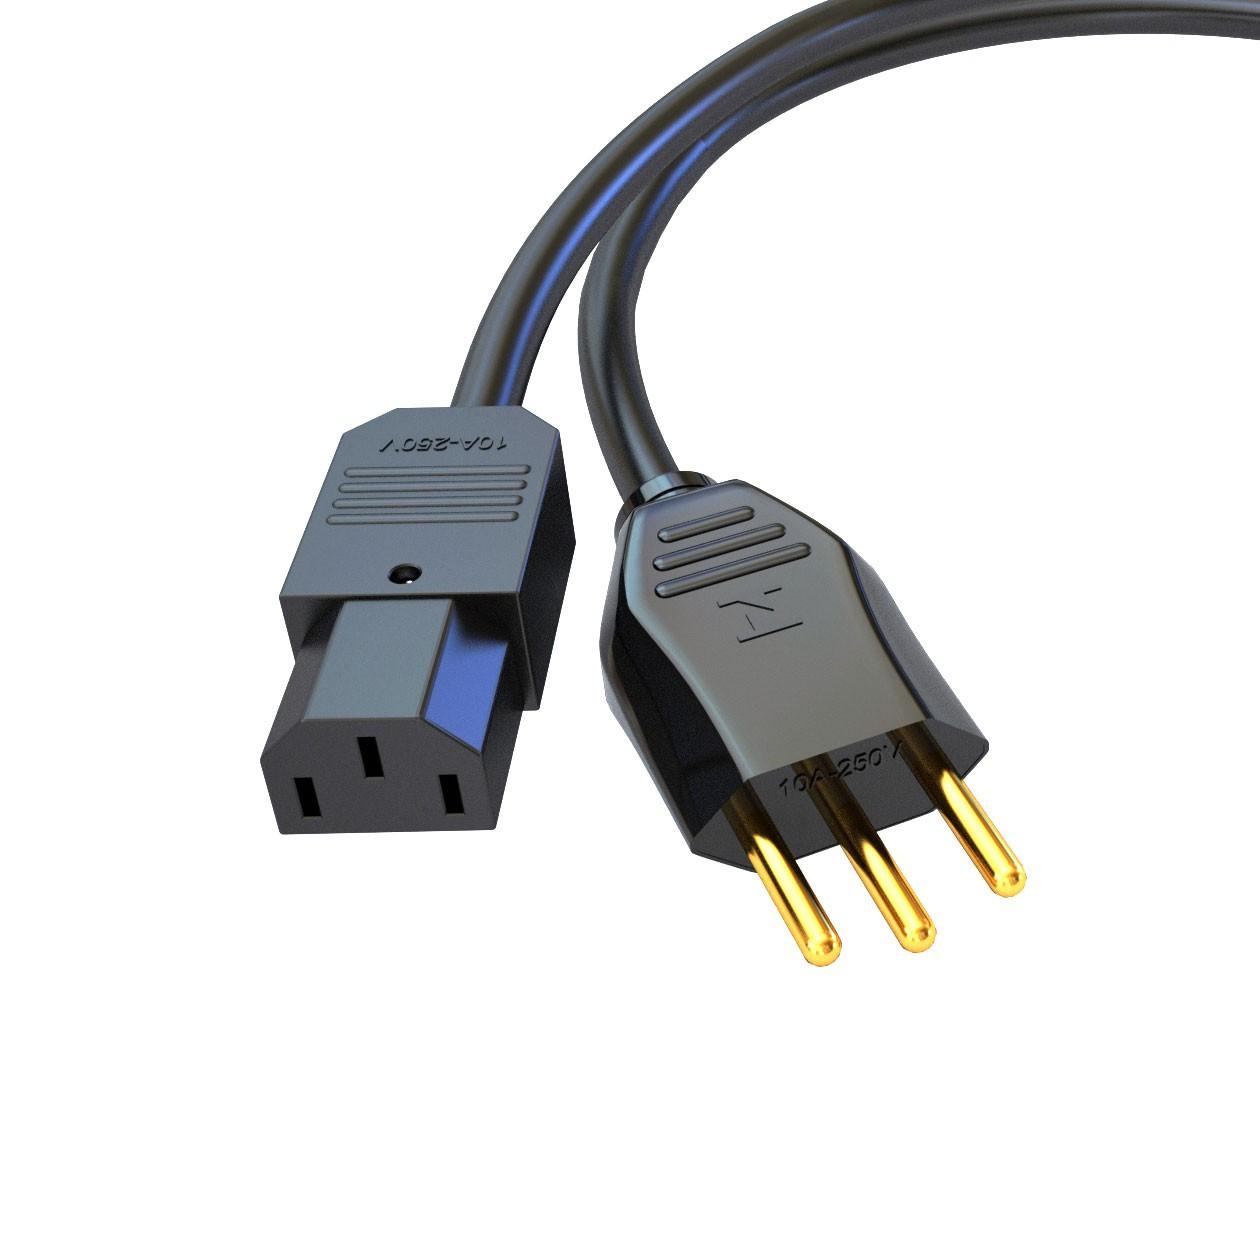 Cabo - Plugue macho NBR14136 10A e Plugue fêmea IEC 320 C13 10A - 250V